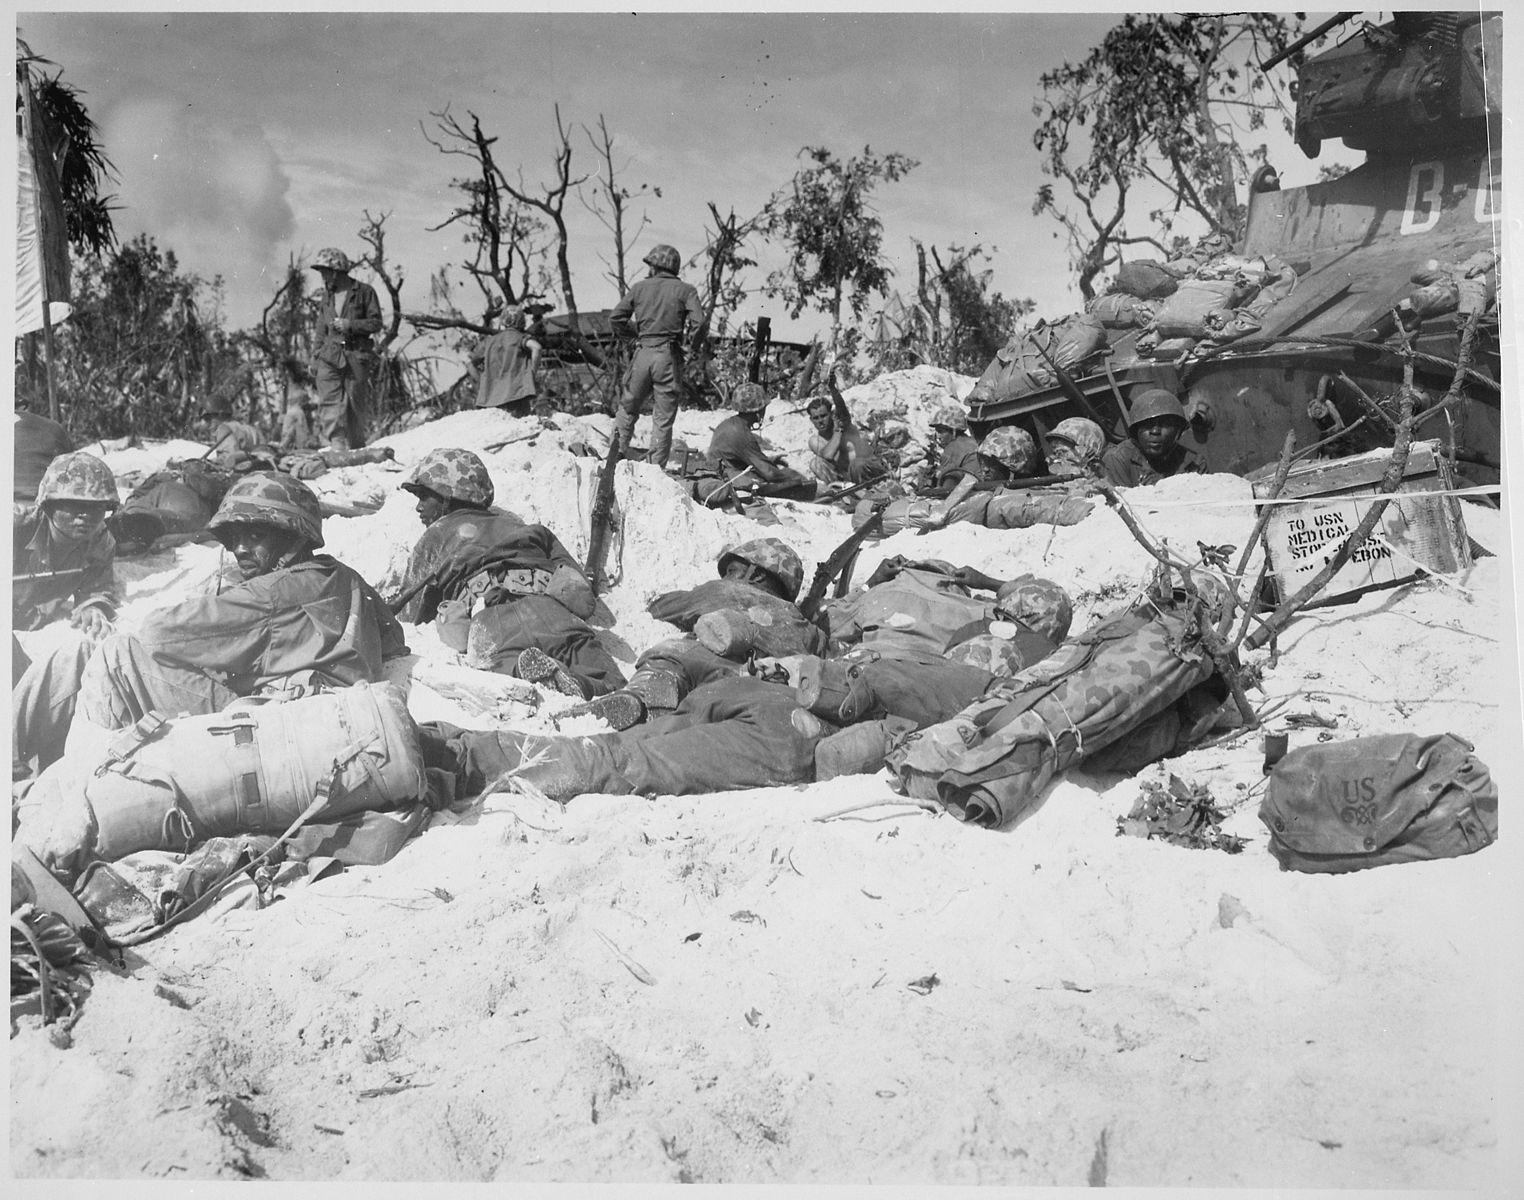 Battaglia di Peleliu (ph Marine Corps)